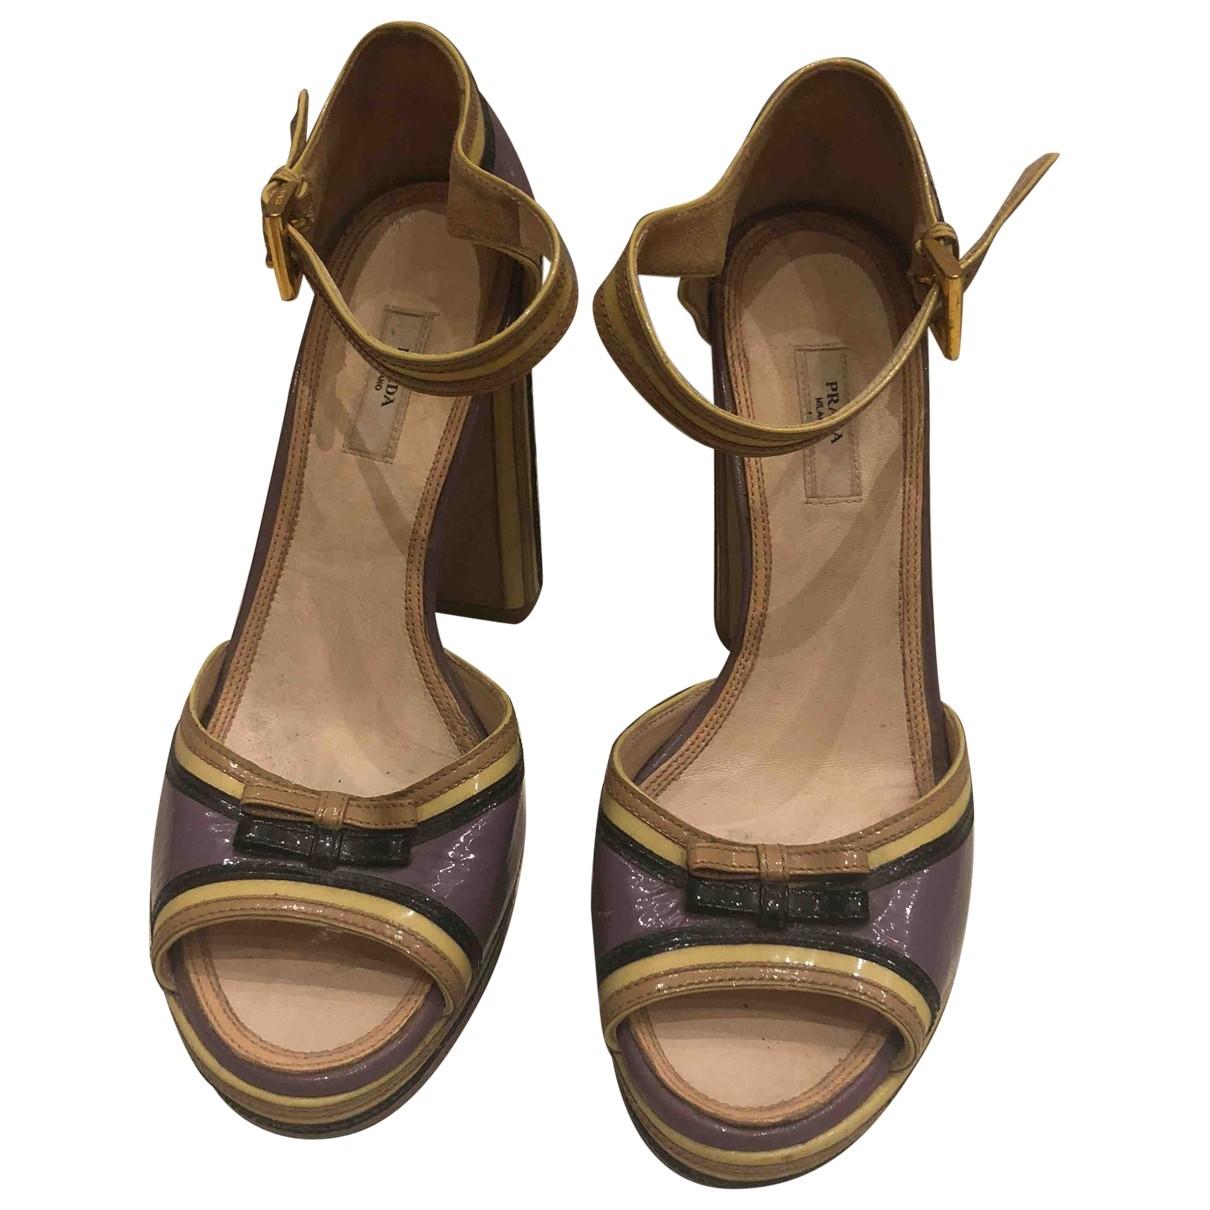 Prada - Sandales   pour femme en cuir verni - multicolore